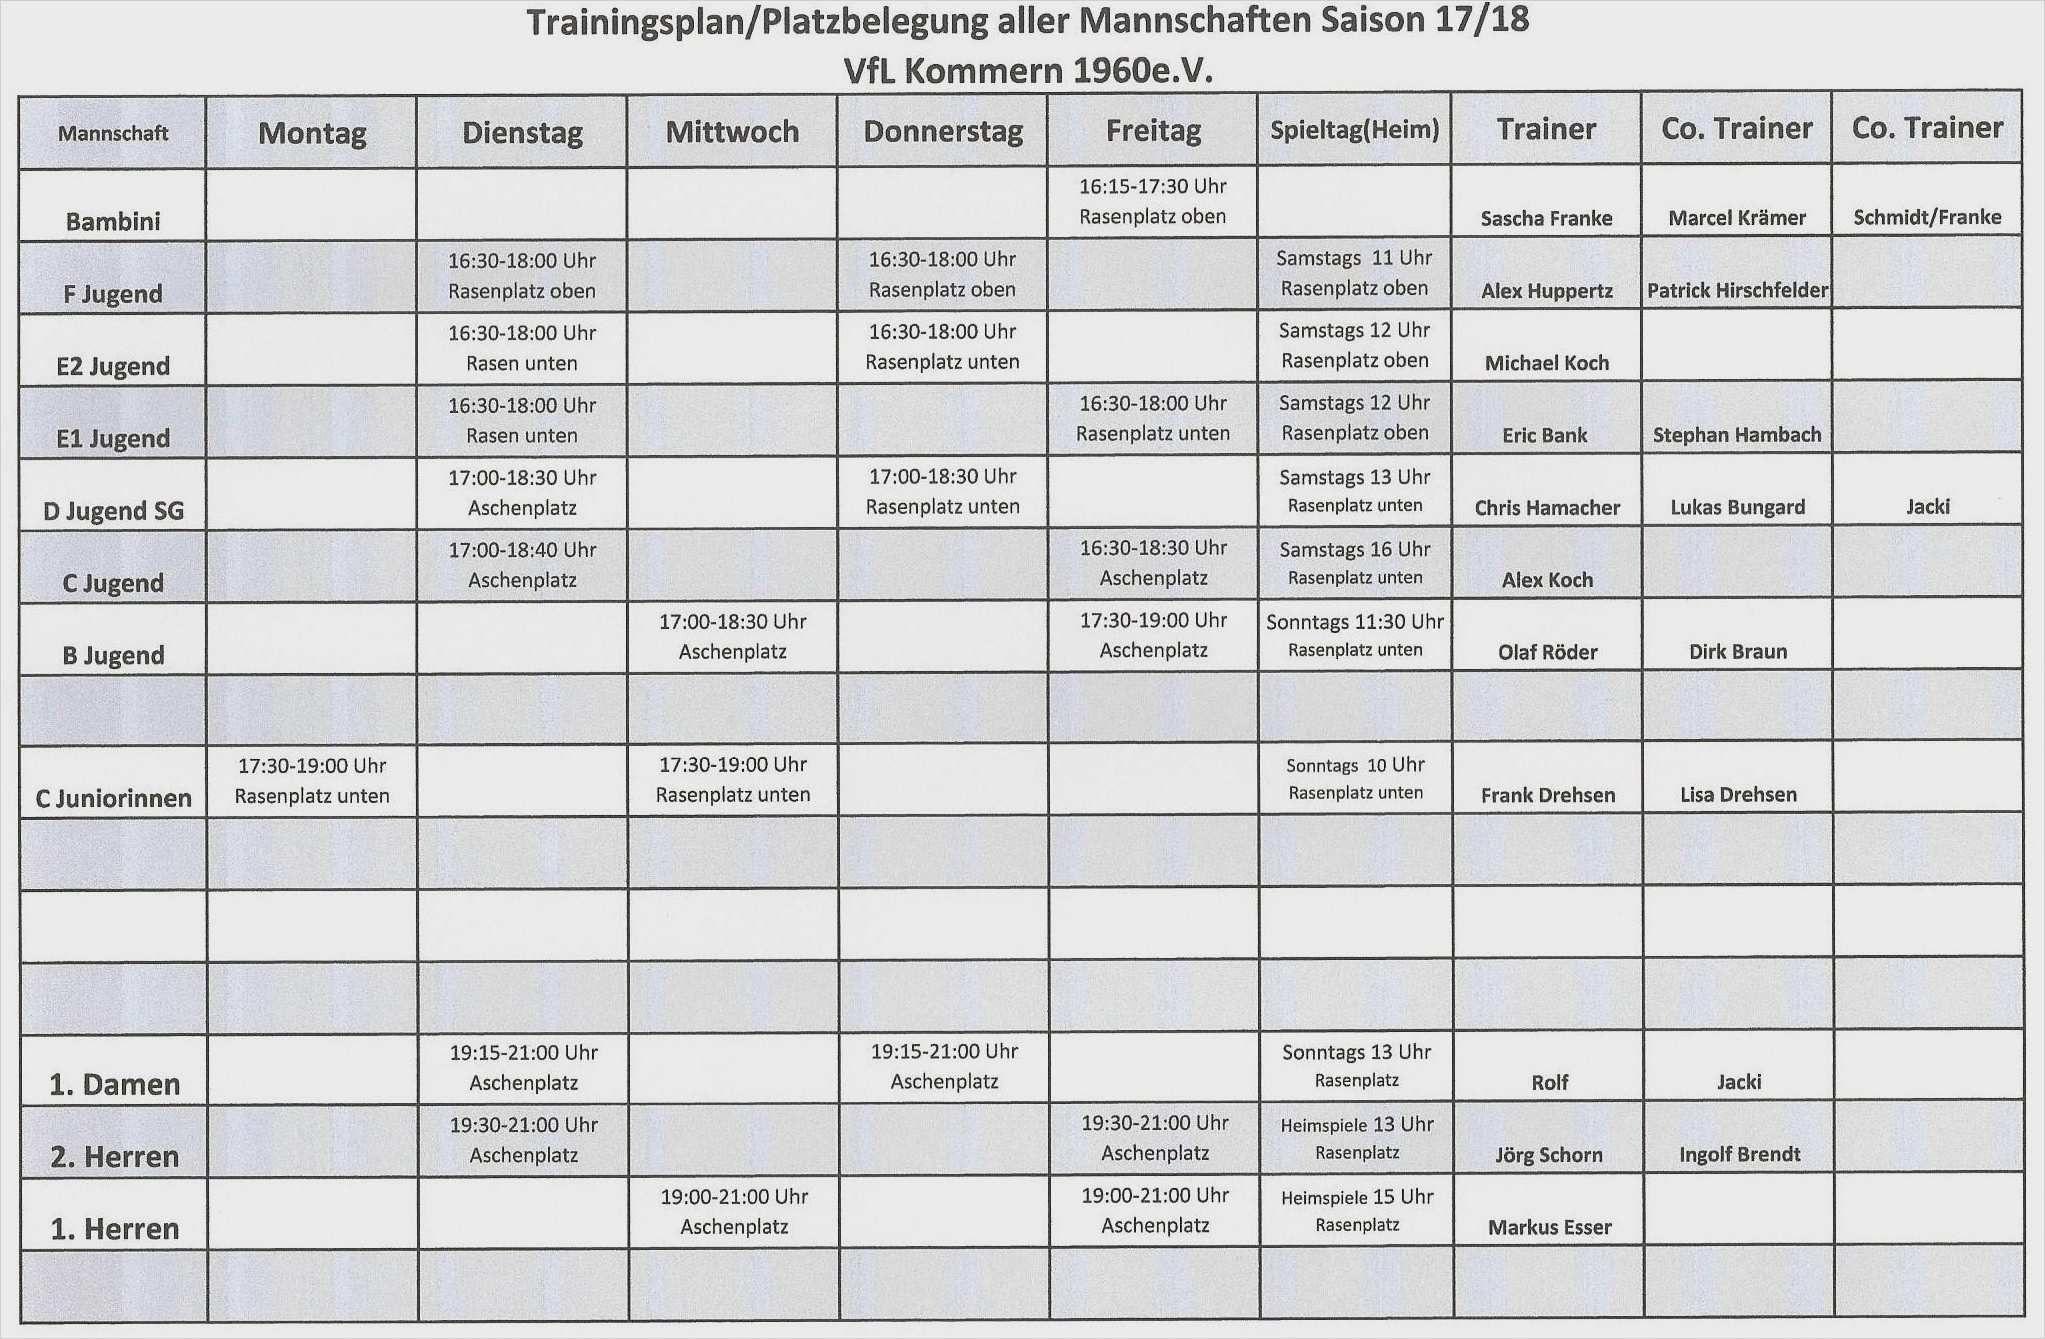 Trainingsplan Erstellen Vorlage 37 Beste Nobel Jene Konnen Anpassen Fur Ihre Erstaunlichen Kr In 2020 Trainingsplan Erstellen Trainingsplan Training